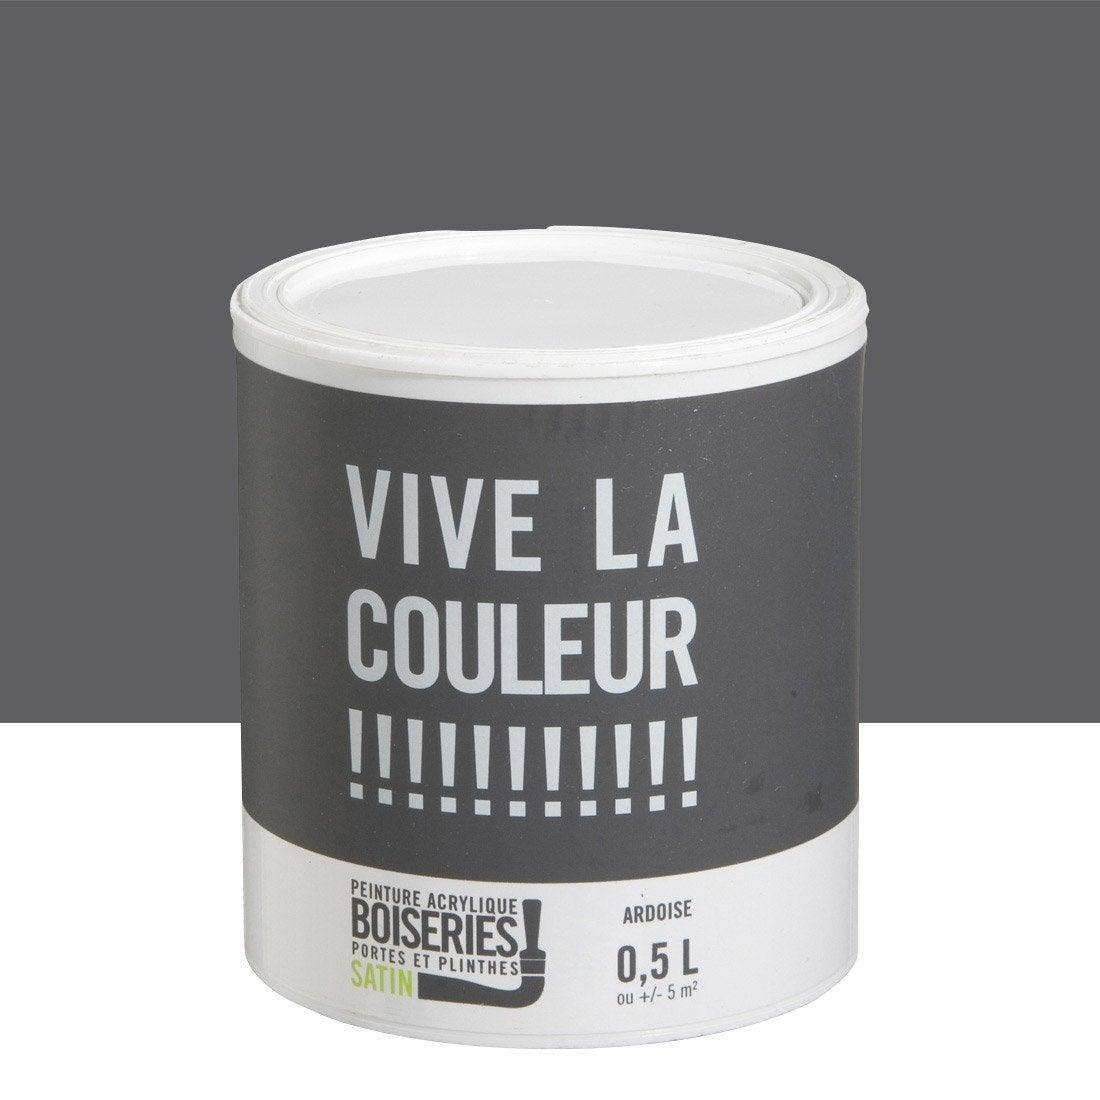 Peinture boiserie vive la couleur gris ardoise 0 5 l - Peinture ardoise magnetique leroy merlin ...